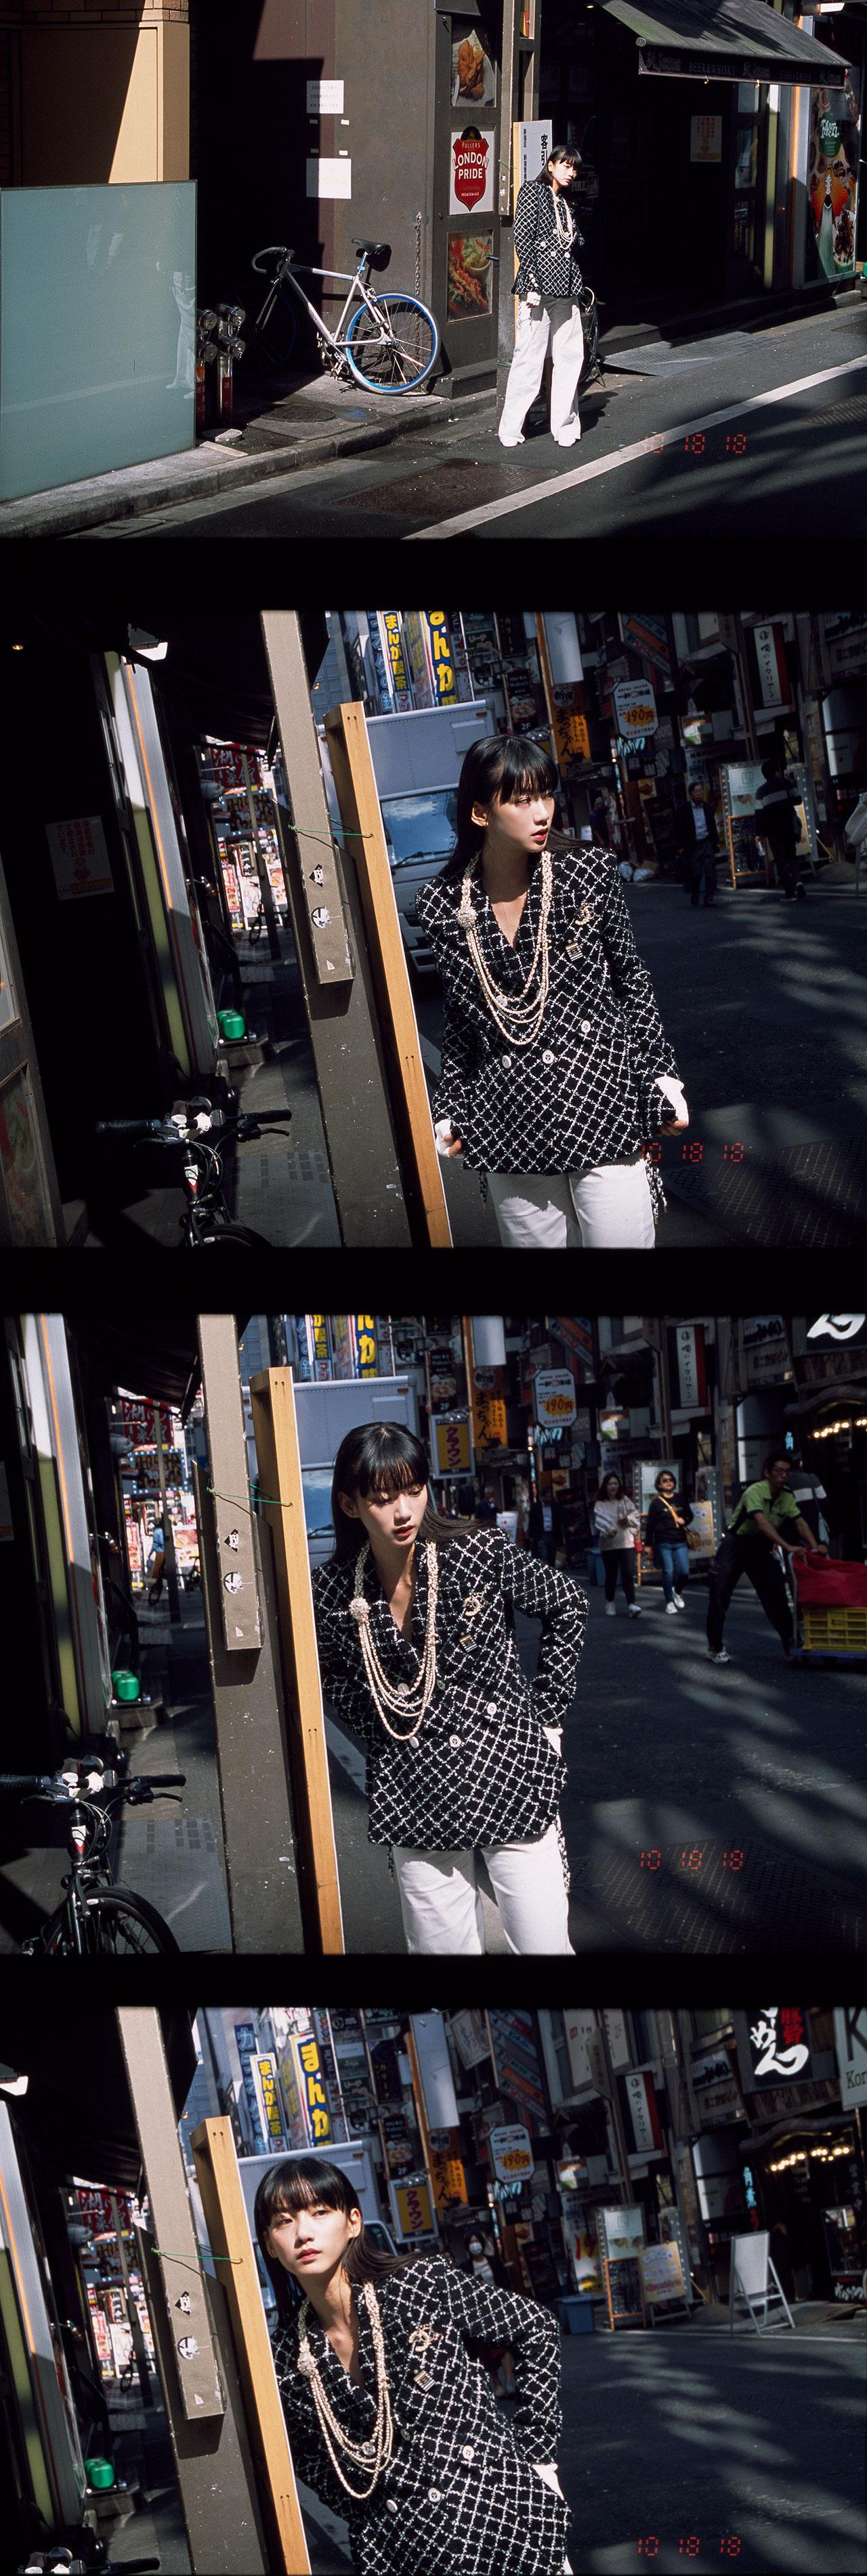 ジャケット ¥880,000、パンツ ¥293,000、フィンガーレスグローブ ¥92,000、シューズ ¥91,000、ネックレス ¥440,000、ジャケットにつけたブローチ (ロゴ) ¥57,000、ジャケットにつけたブローチ (香水ビン) ¥62,000、全て Chanel (シャネル)